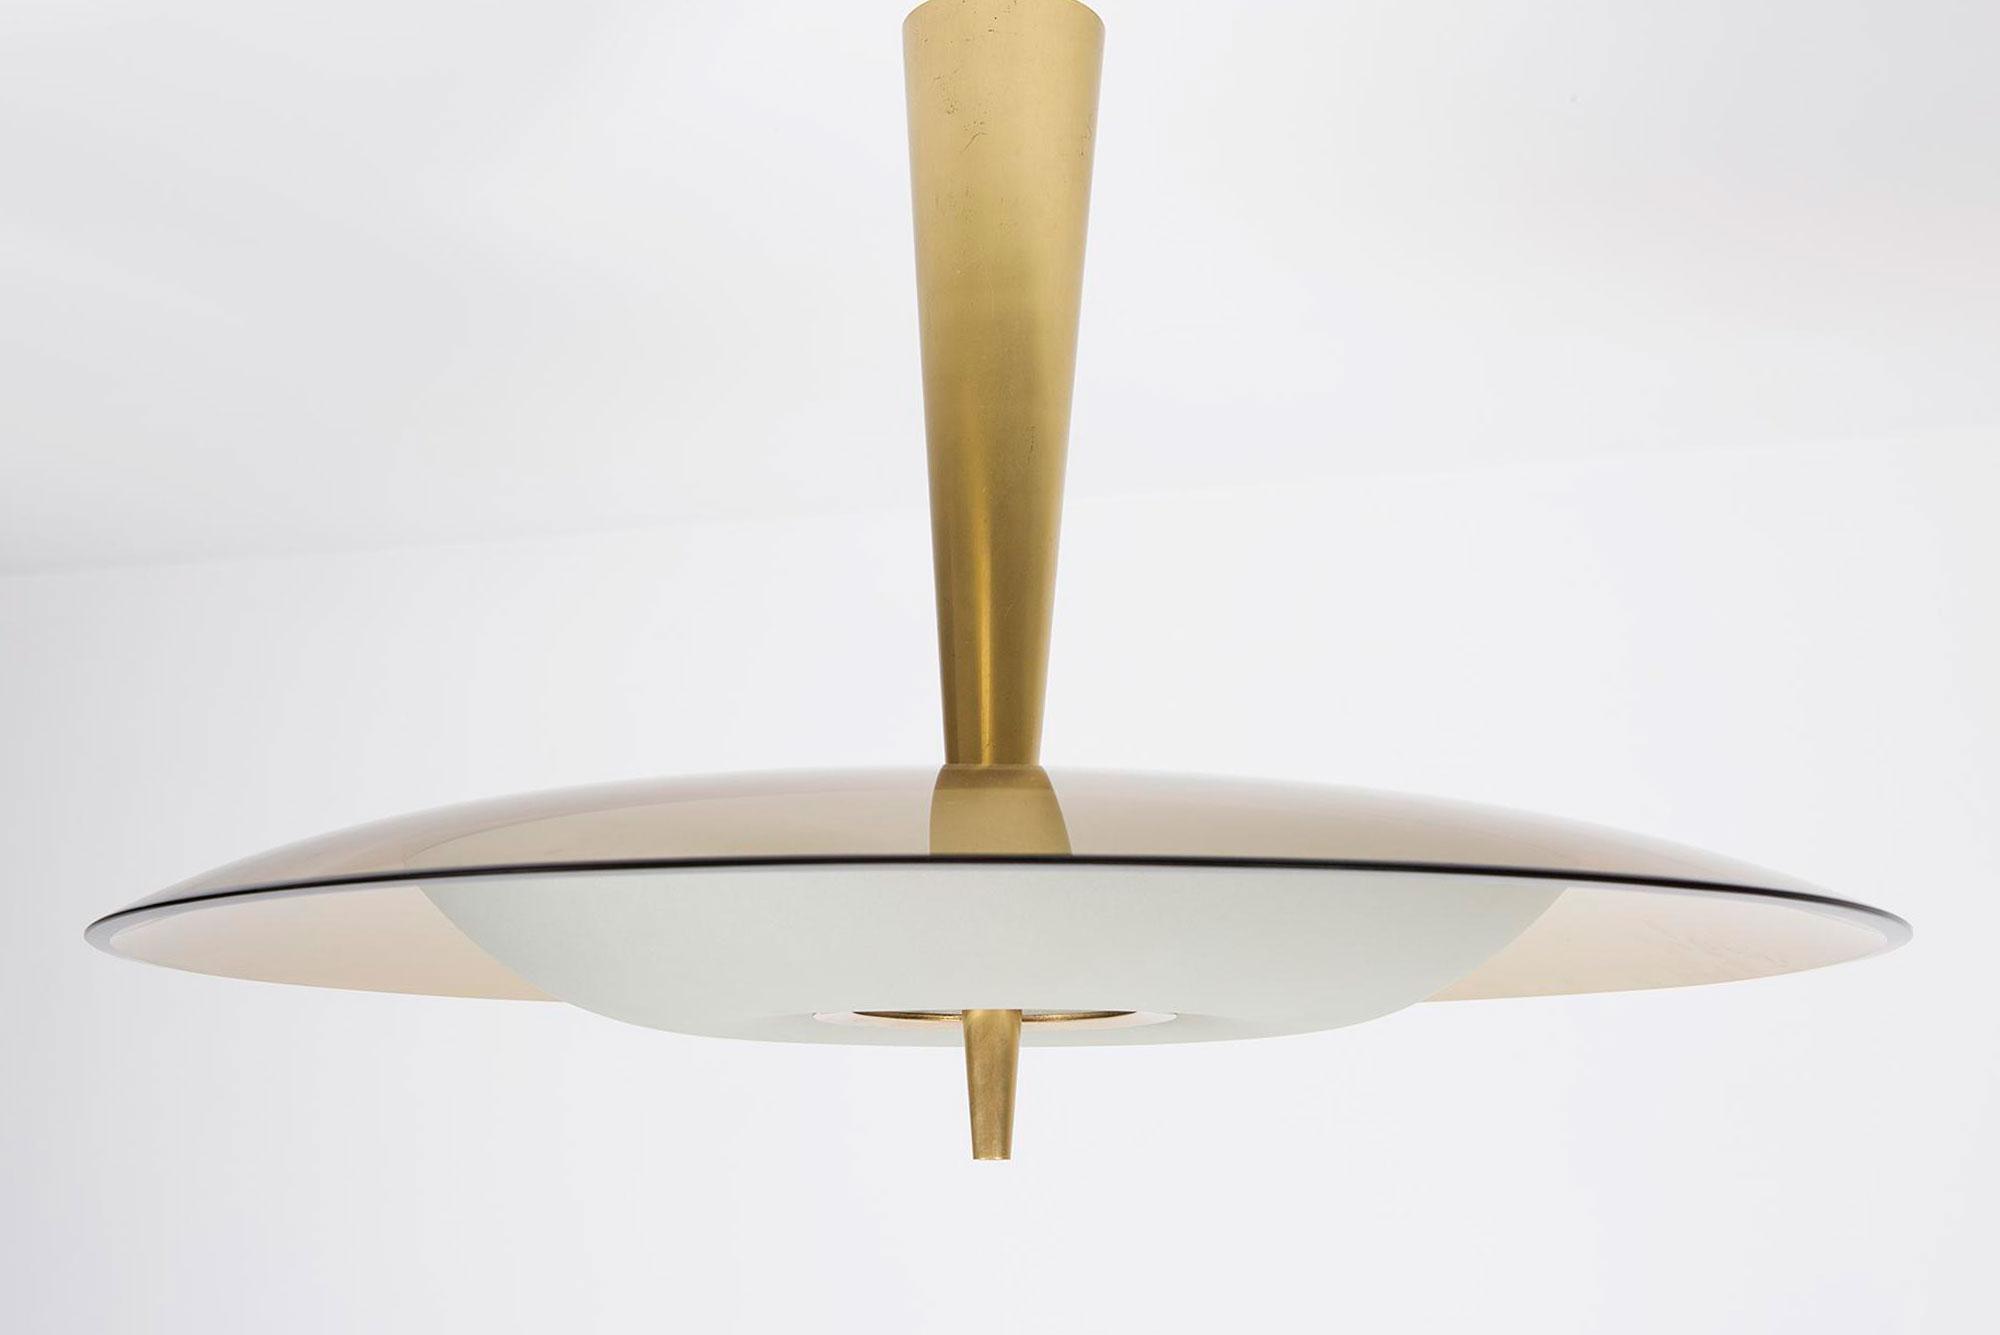 Max Ingrand  |                              Ceiling light, model 1462